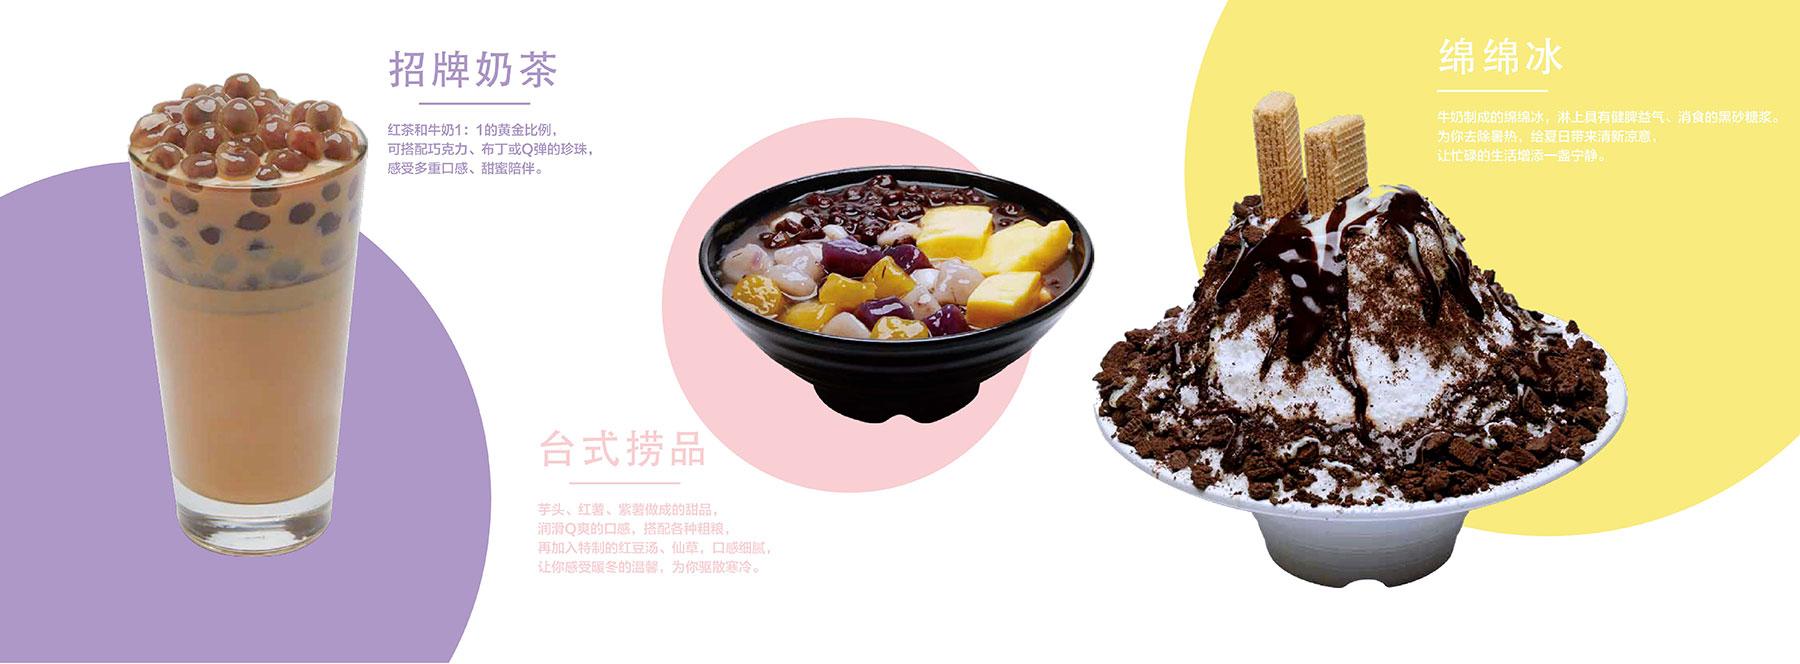 沁心台式甜品品牌升级:产品种类